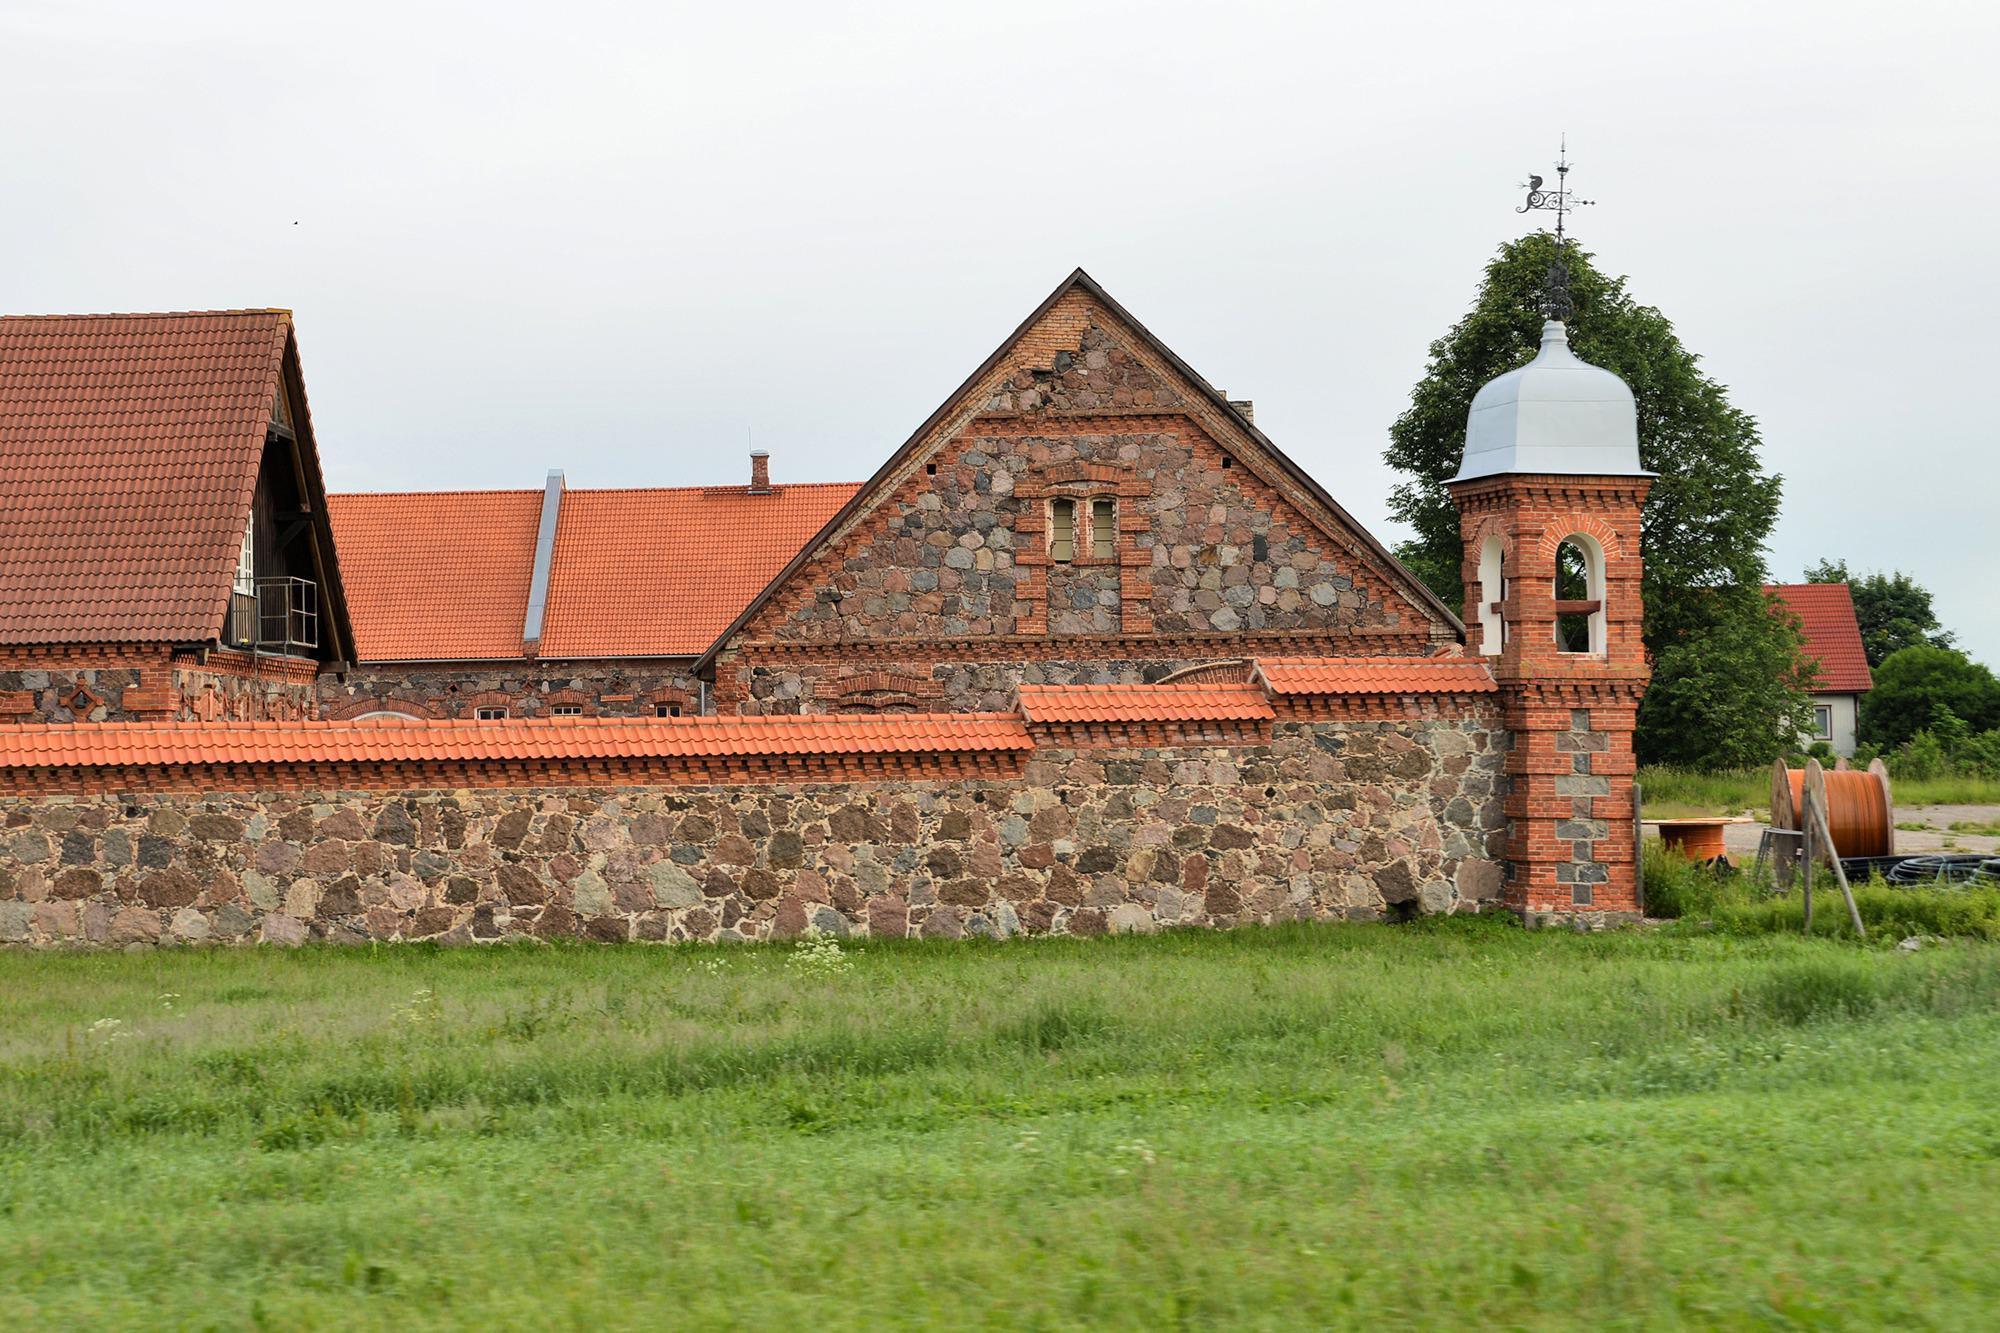 Mooste Manor, Mooste, Estonia